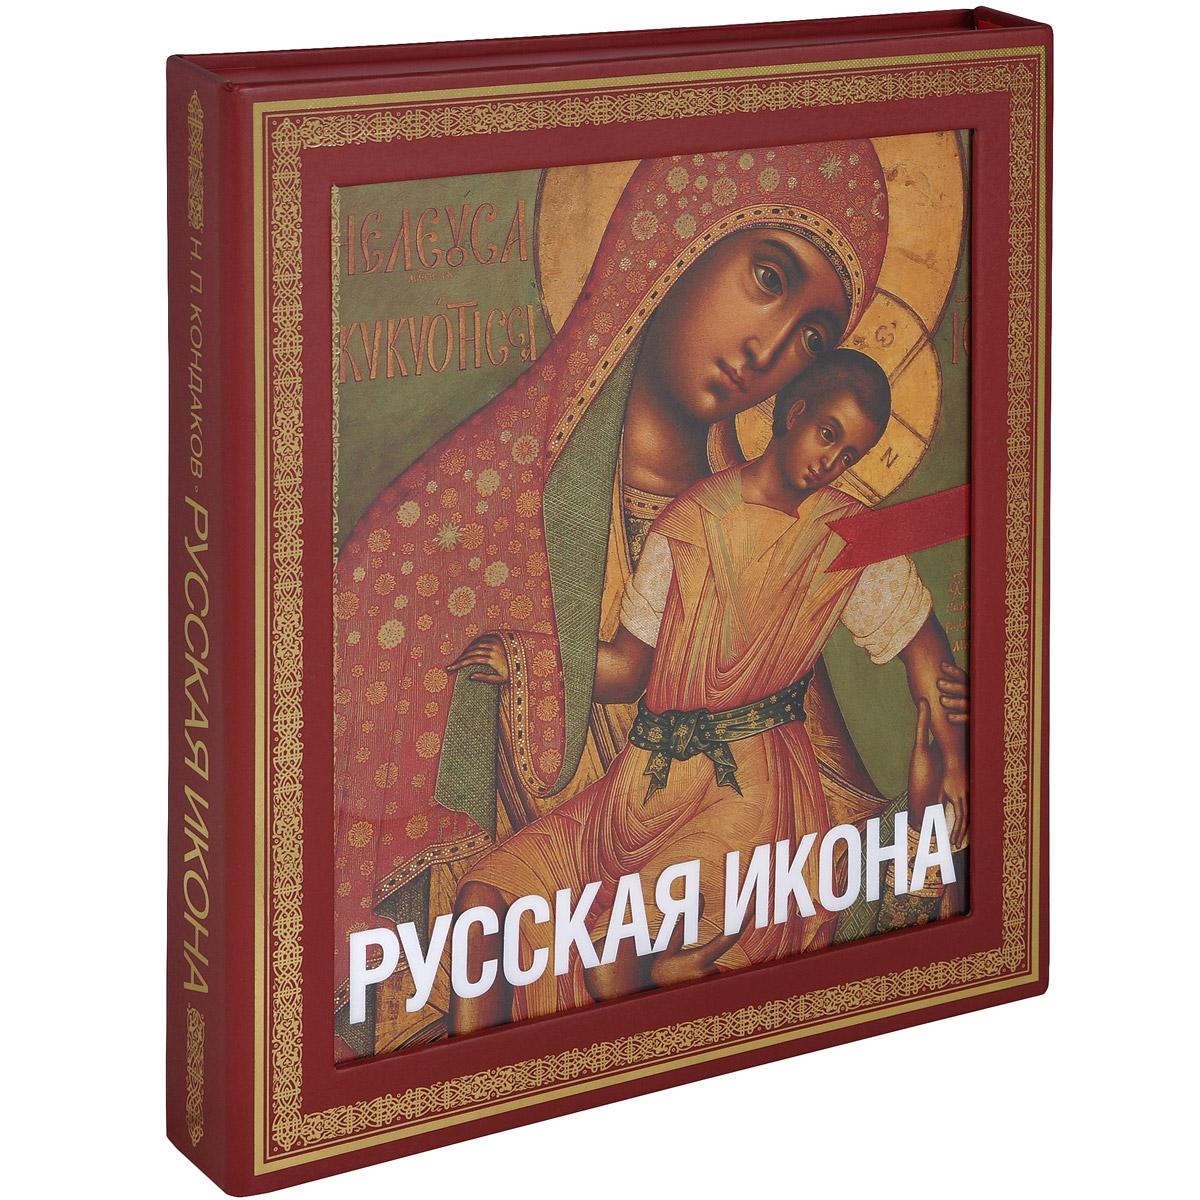 Кондаков Н.П. Русская икона (подарочное издание) русская живопись большая коллекция подарочное издание